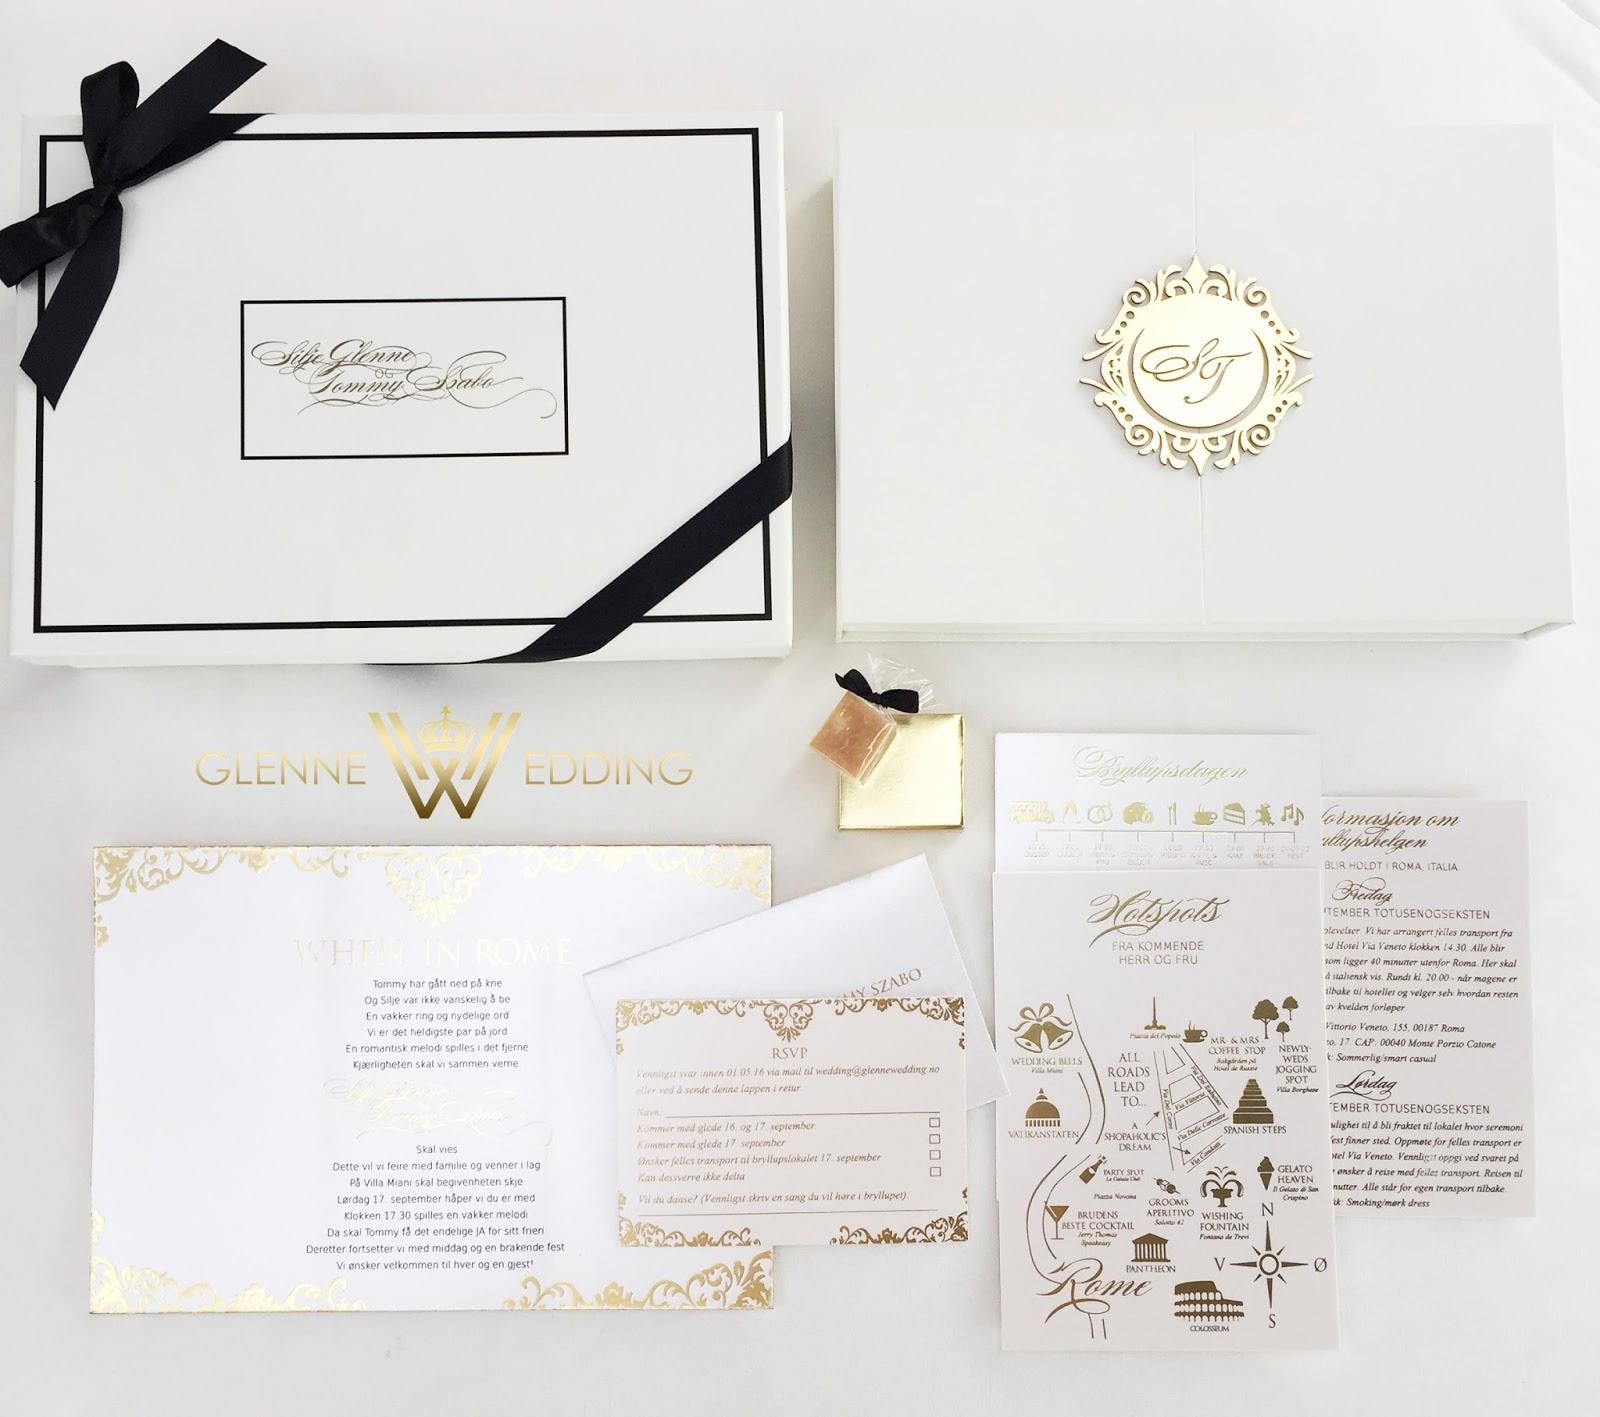 glennewedding bryllupsinvitasjoner tips og inspirasjon